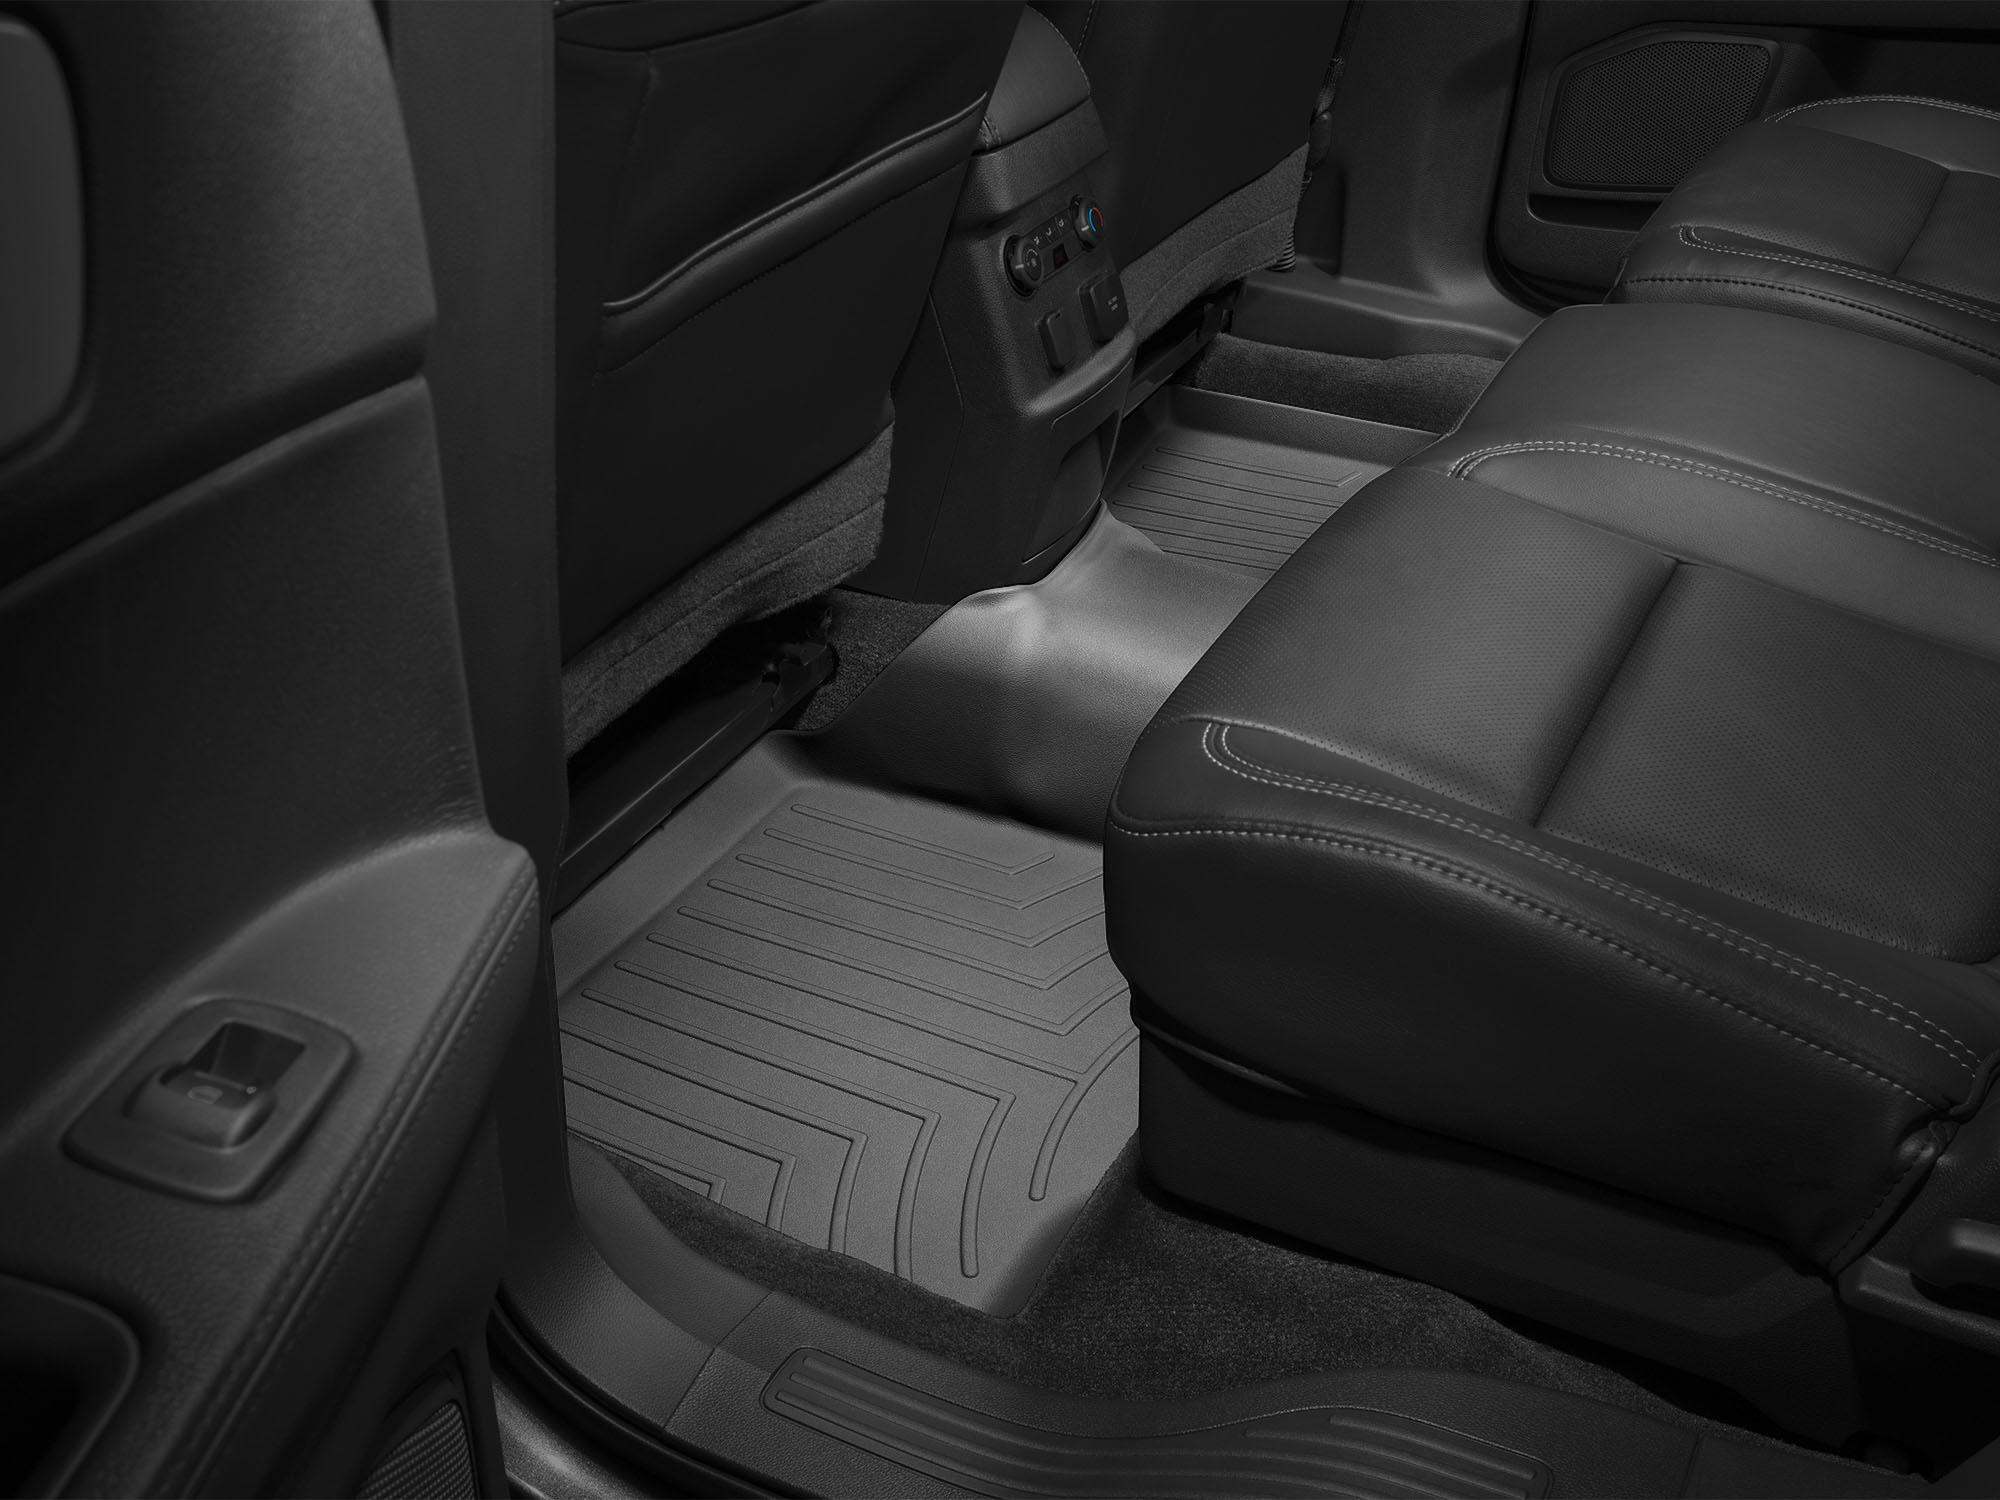 Tappeti gomma su misura bordo alto Ford Explorer 11>17 Nero A877*